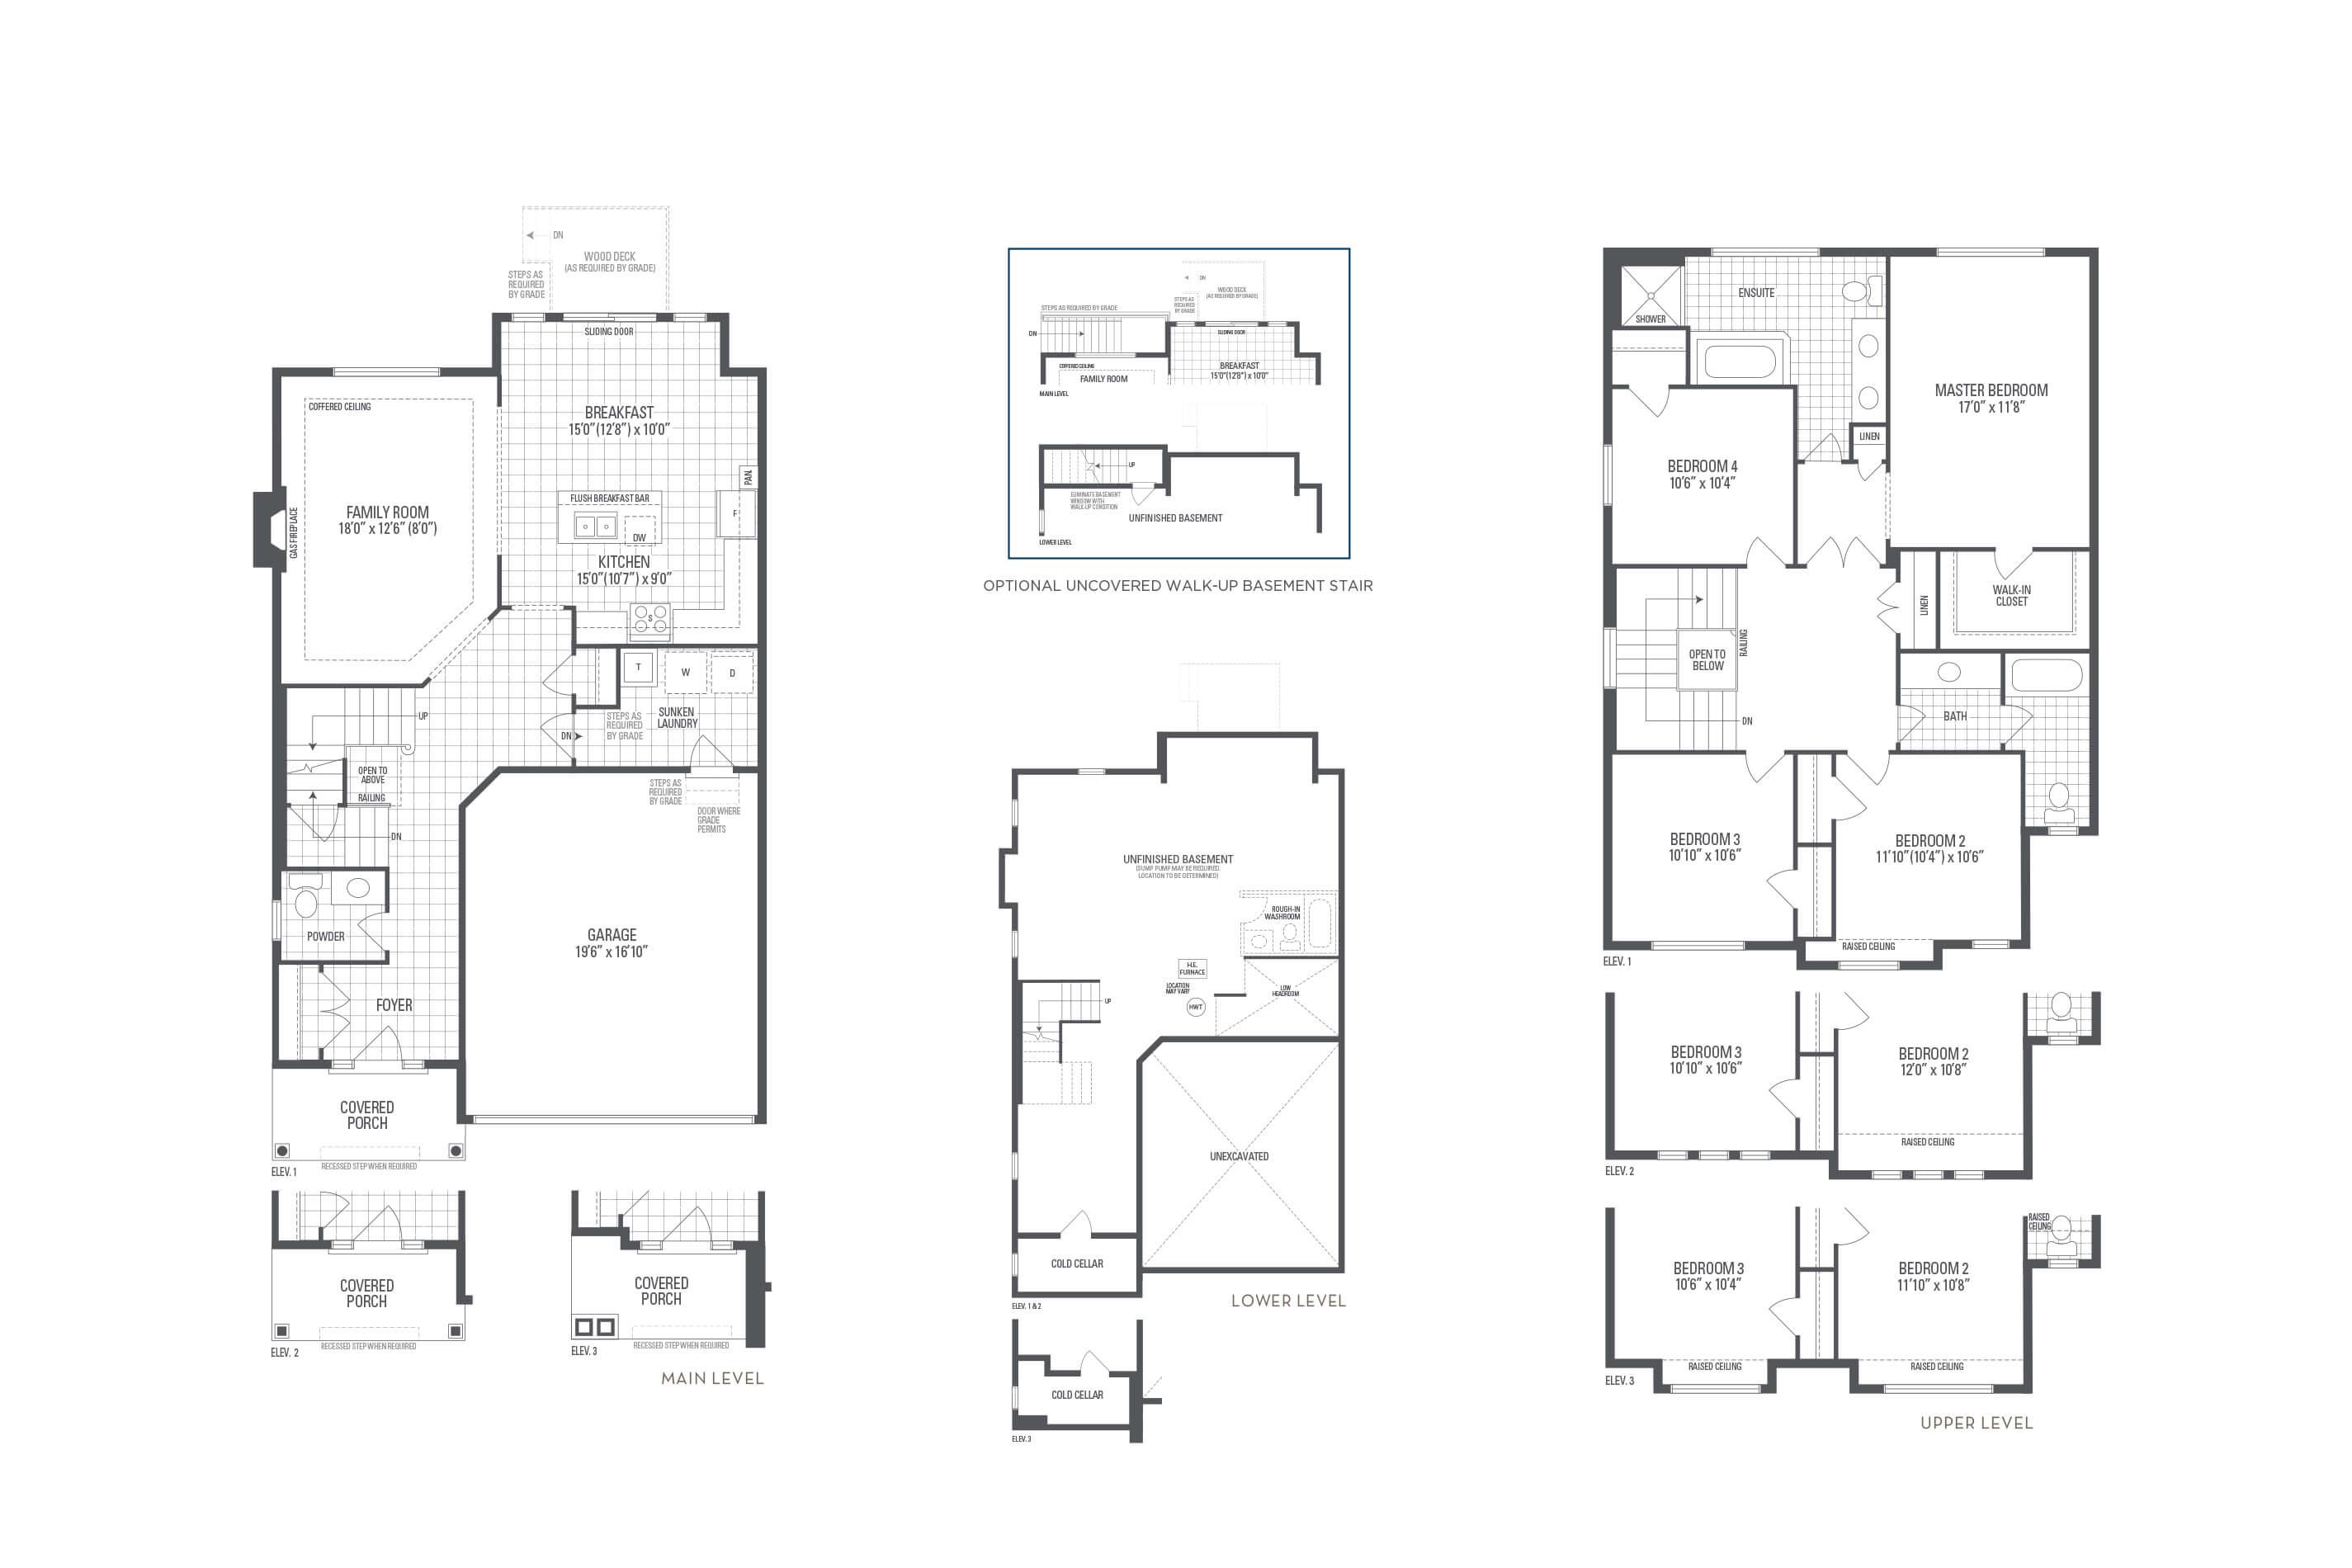 Brooklyn 01 Elev. 2 Floorplan